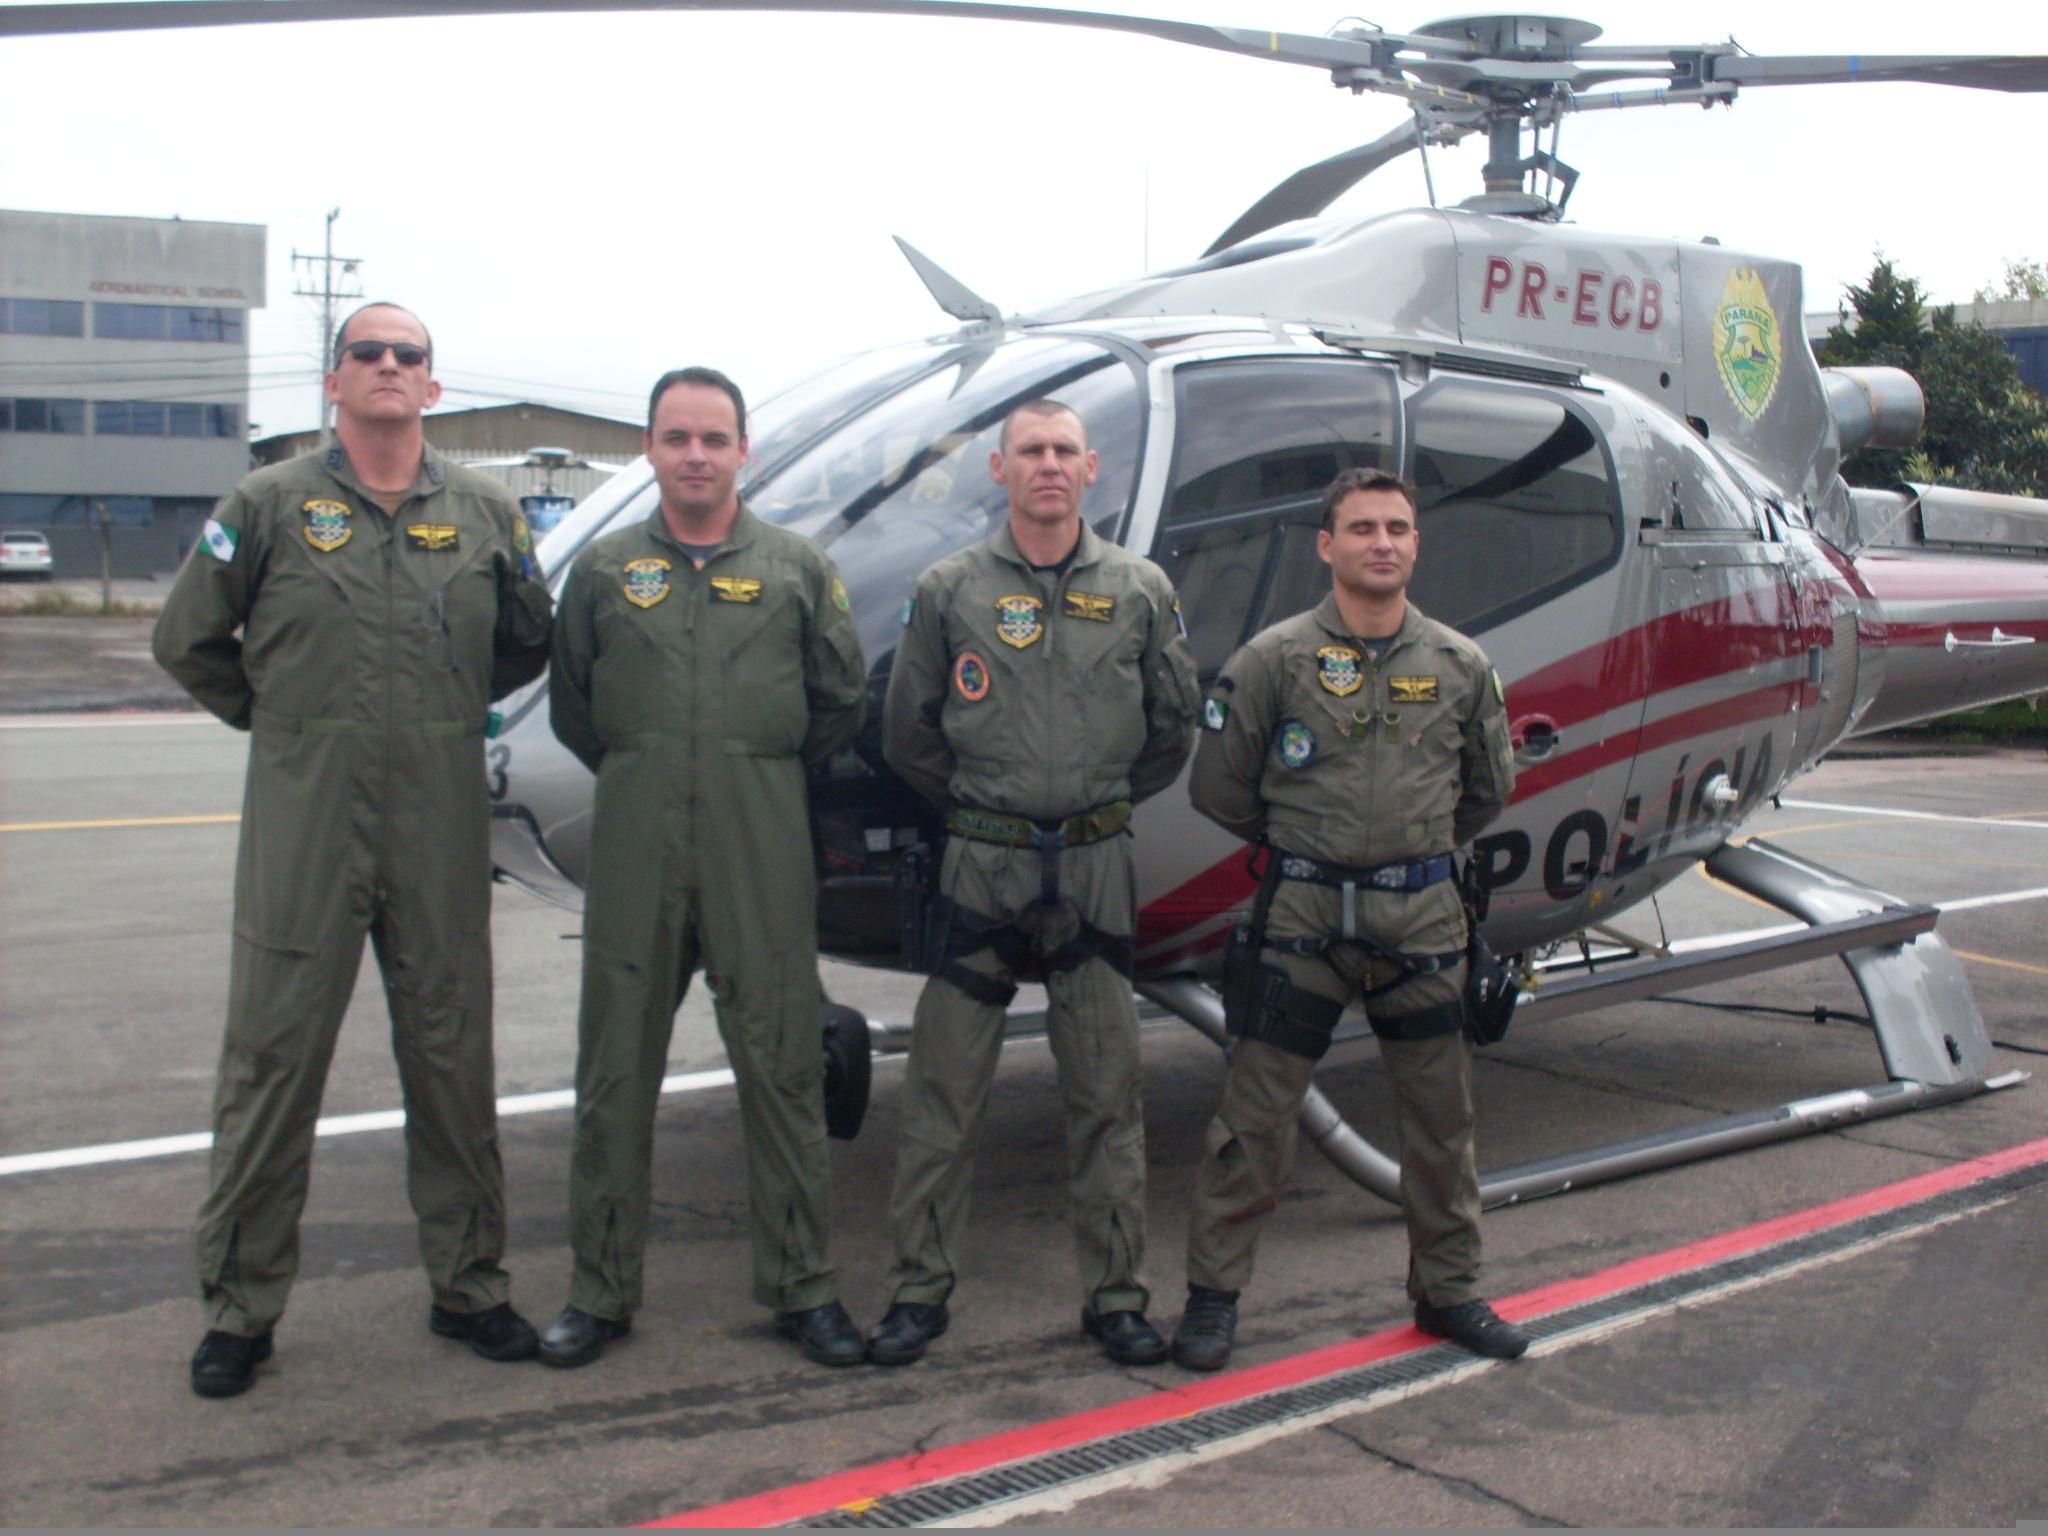 A Polícia Militar do Paraná enviou uma aeronave e quatro tripulantes do Grupamento Aéreo (Graer) para ajudar no resgate e socorro das vítimas das enchentes em Santa Catarina.